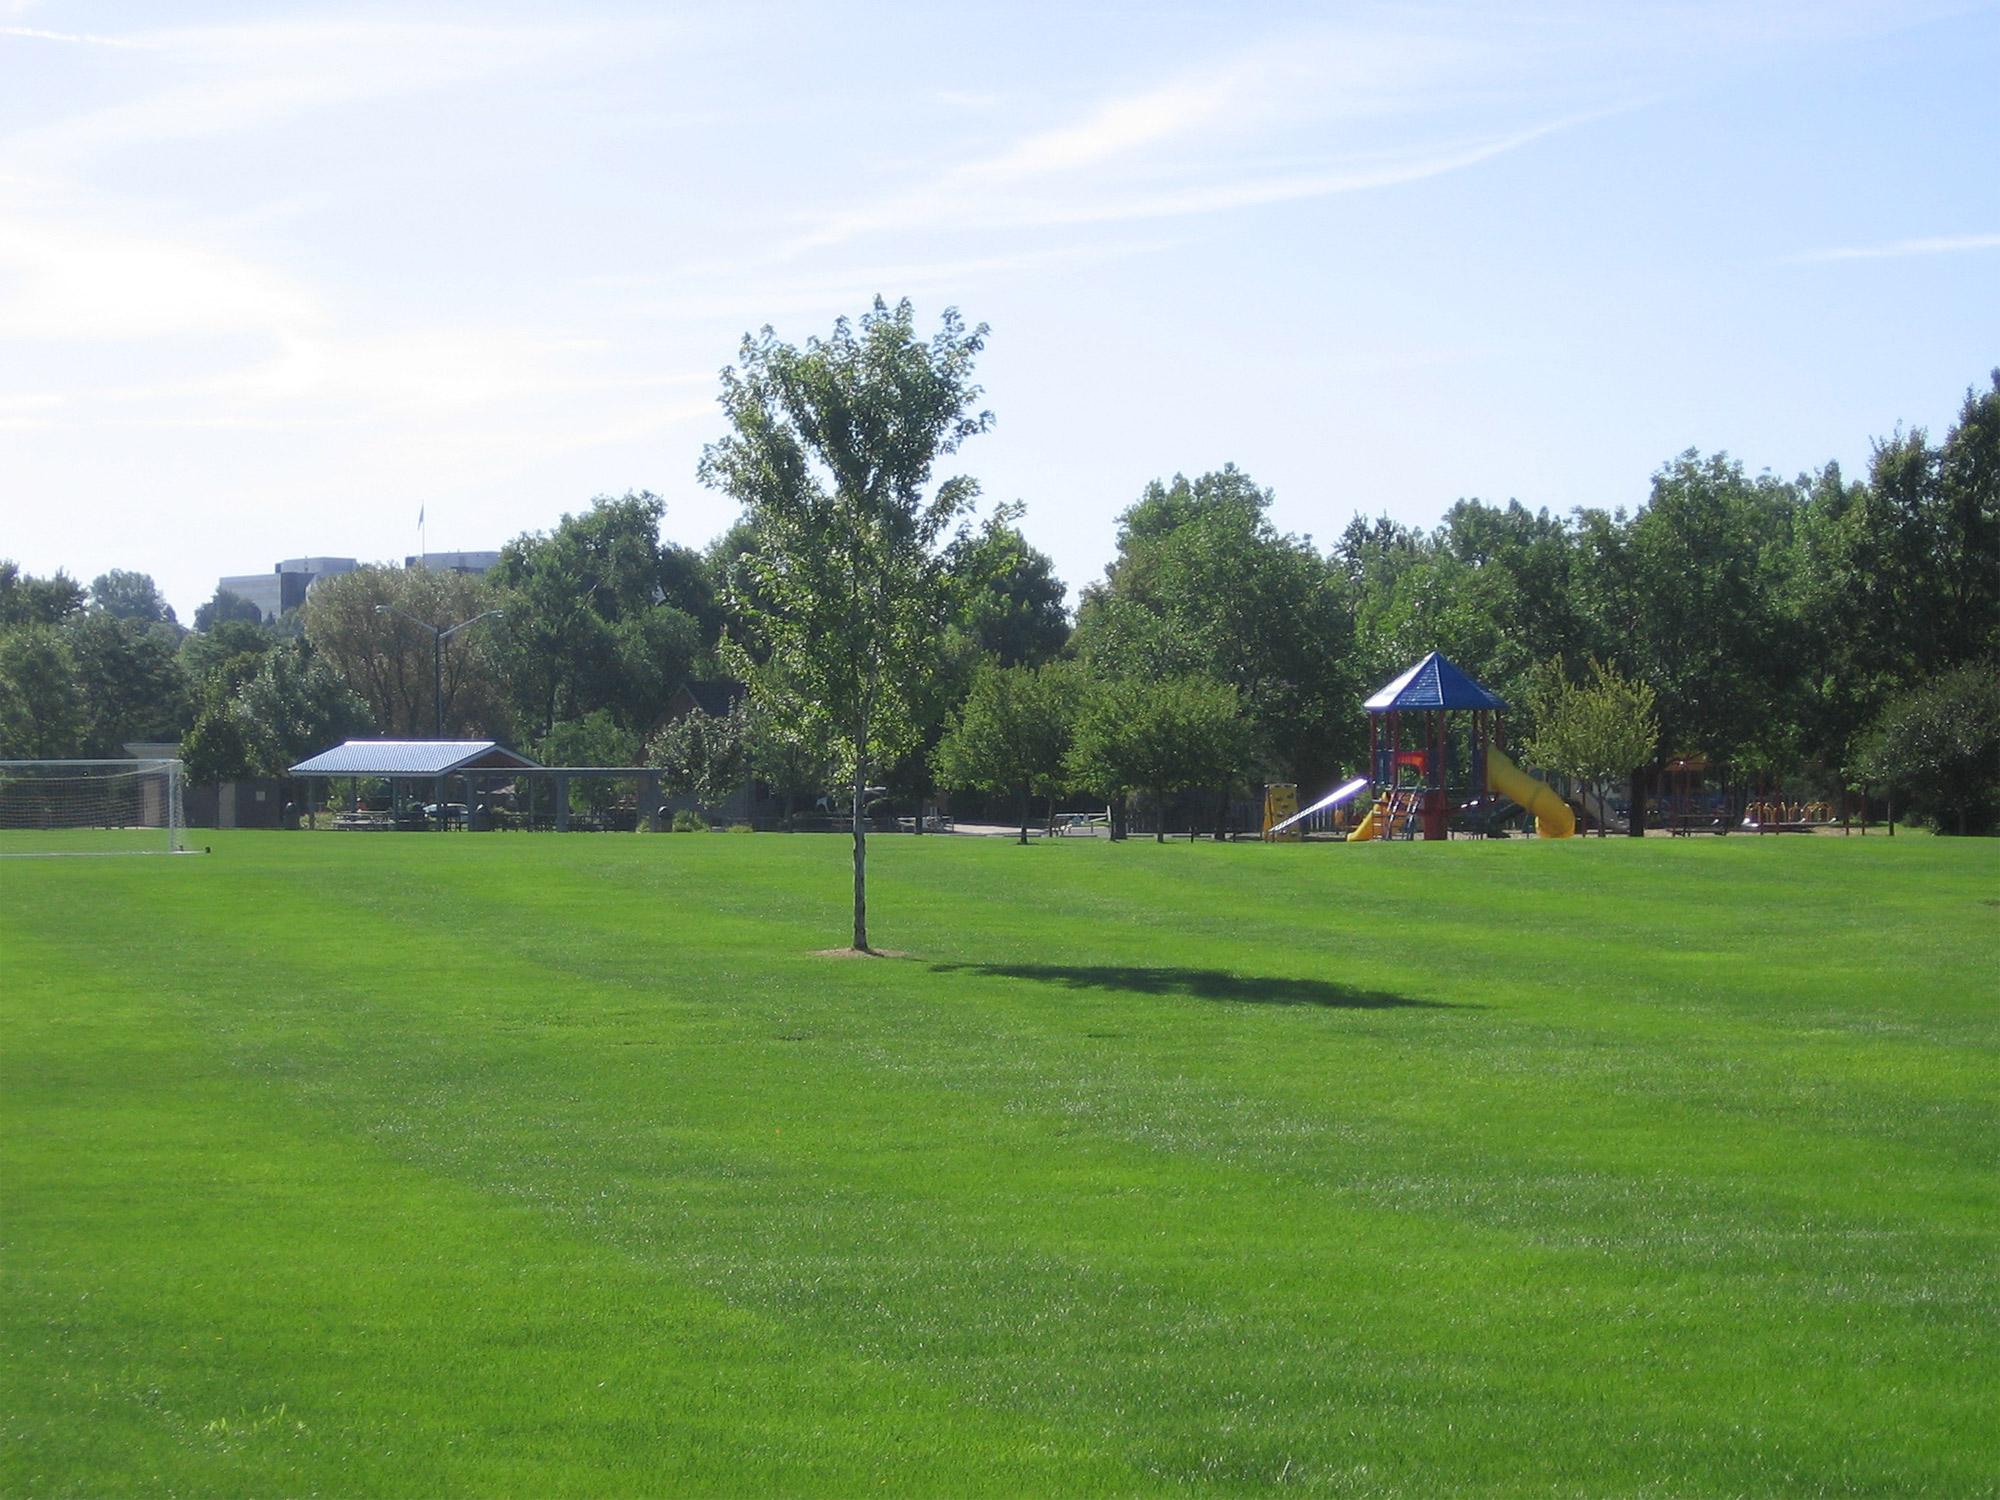 Applewood Park